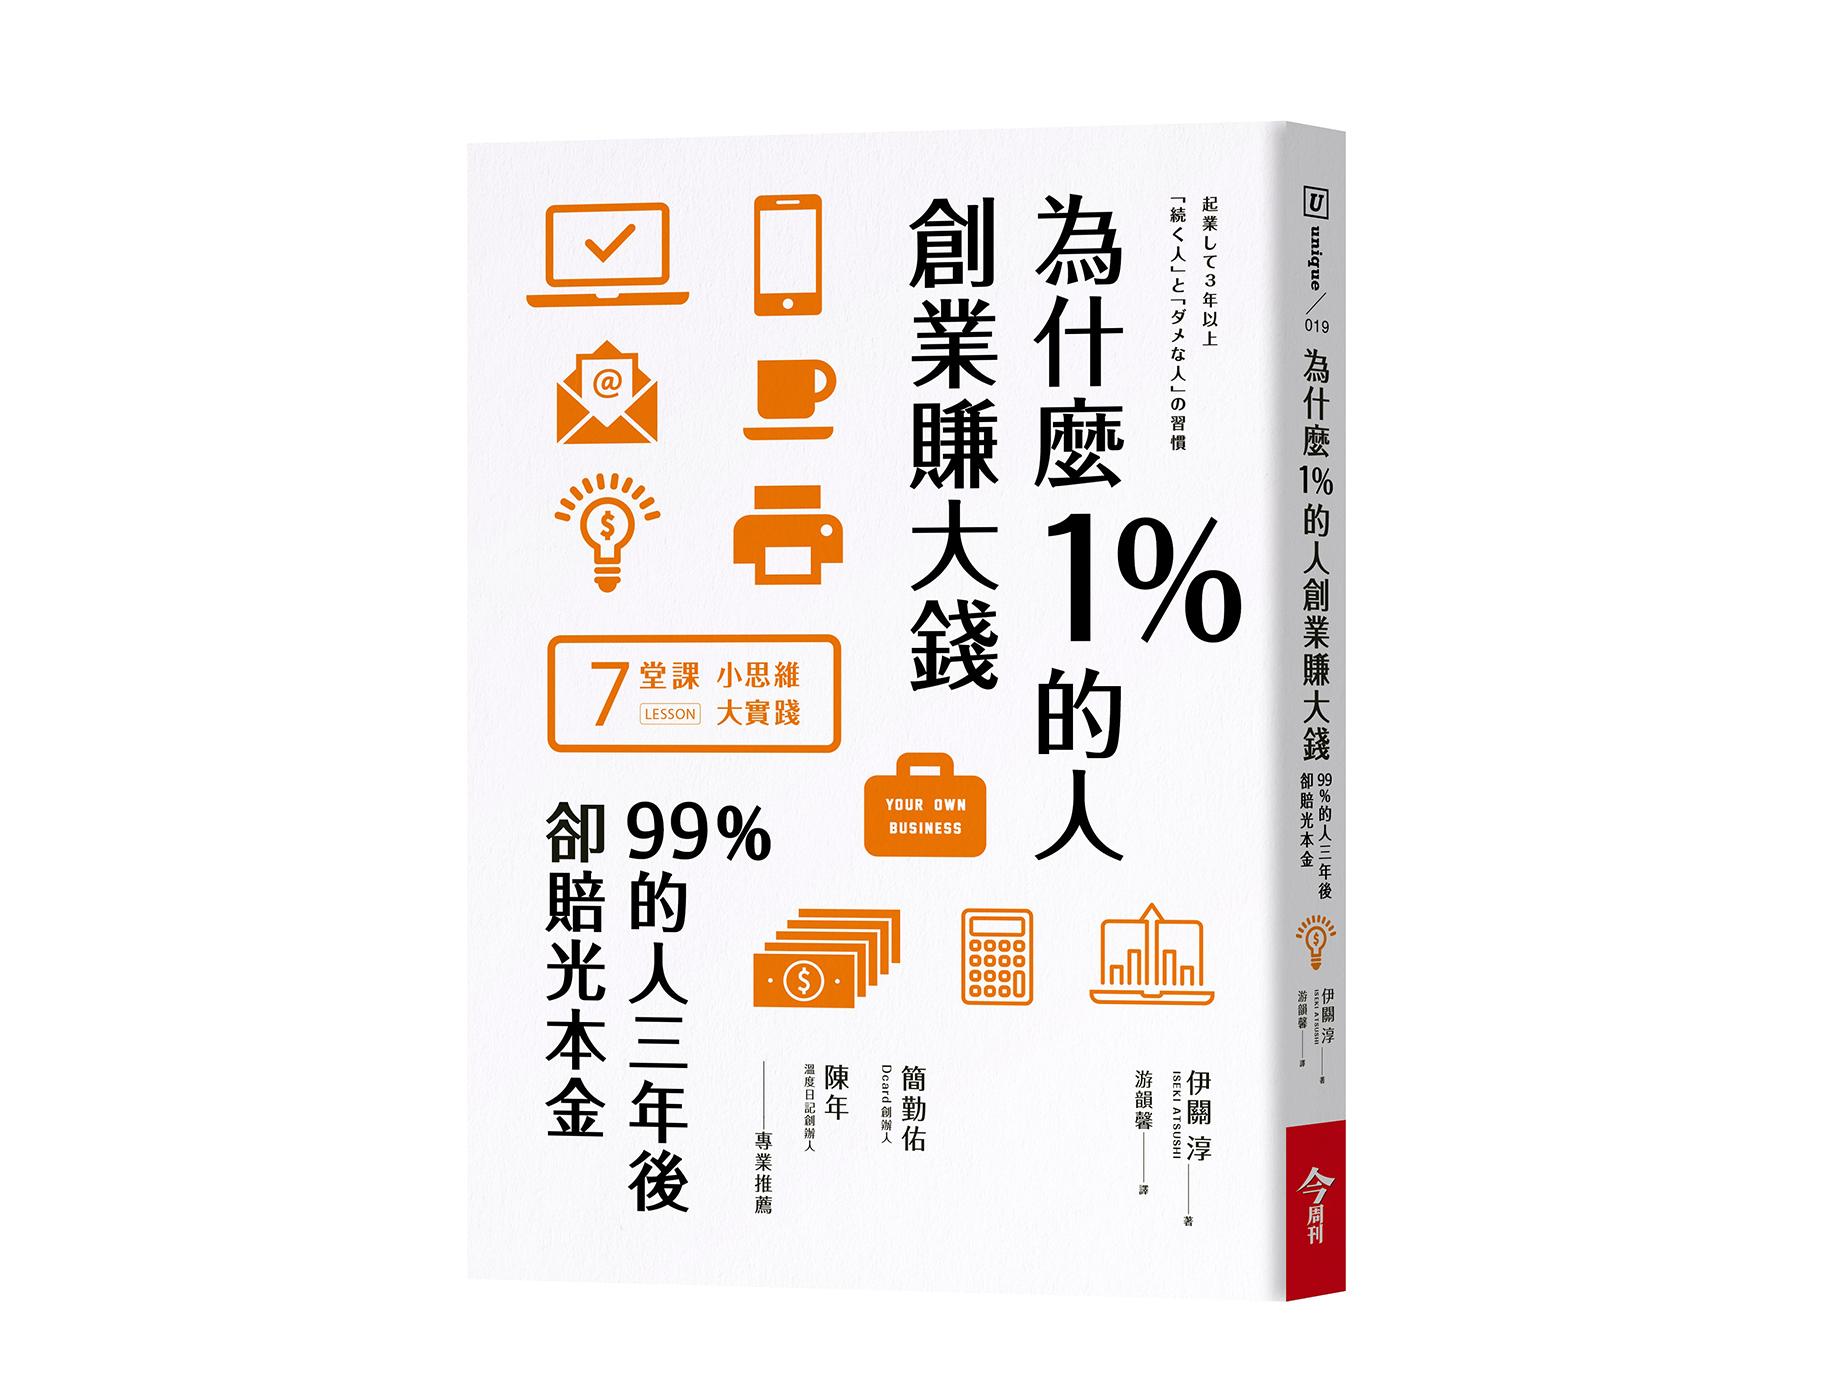 新書搶先看》創業順利者用行動說服家人,創業不順者花時間說服家人